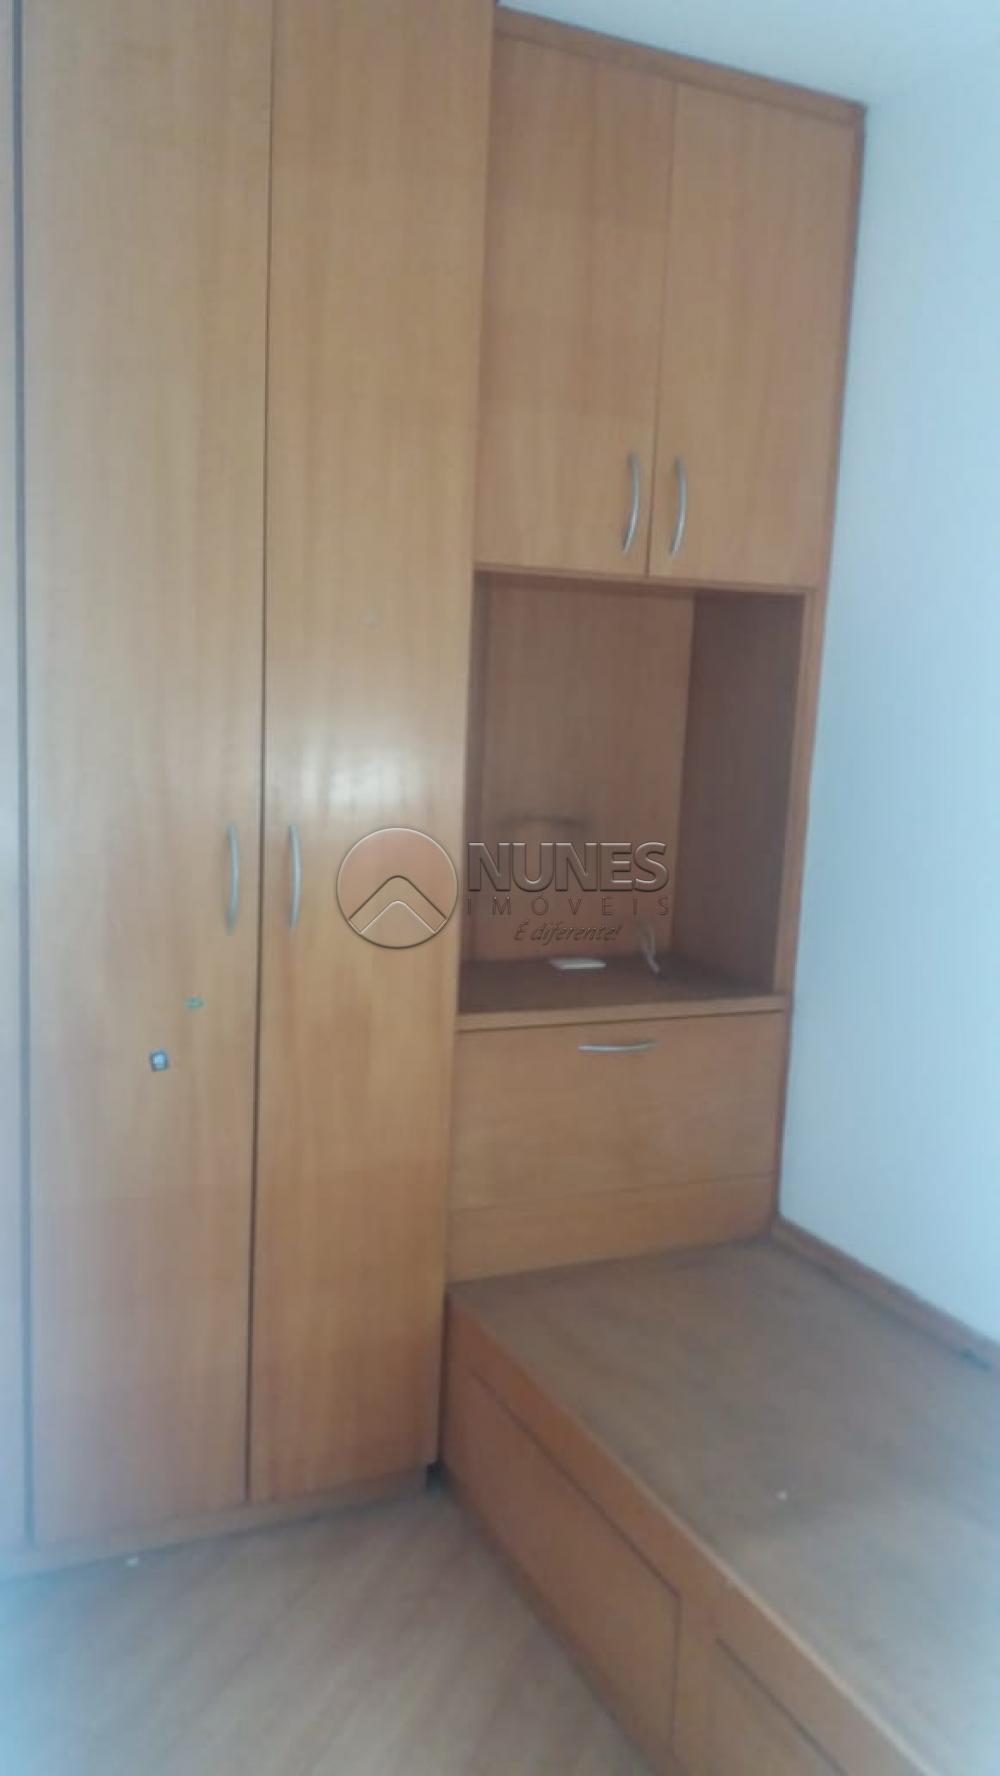 Comprar Apartamento / Padrão em São Paulo apenas R$ 640.000,00 - Foto 14